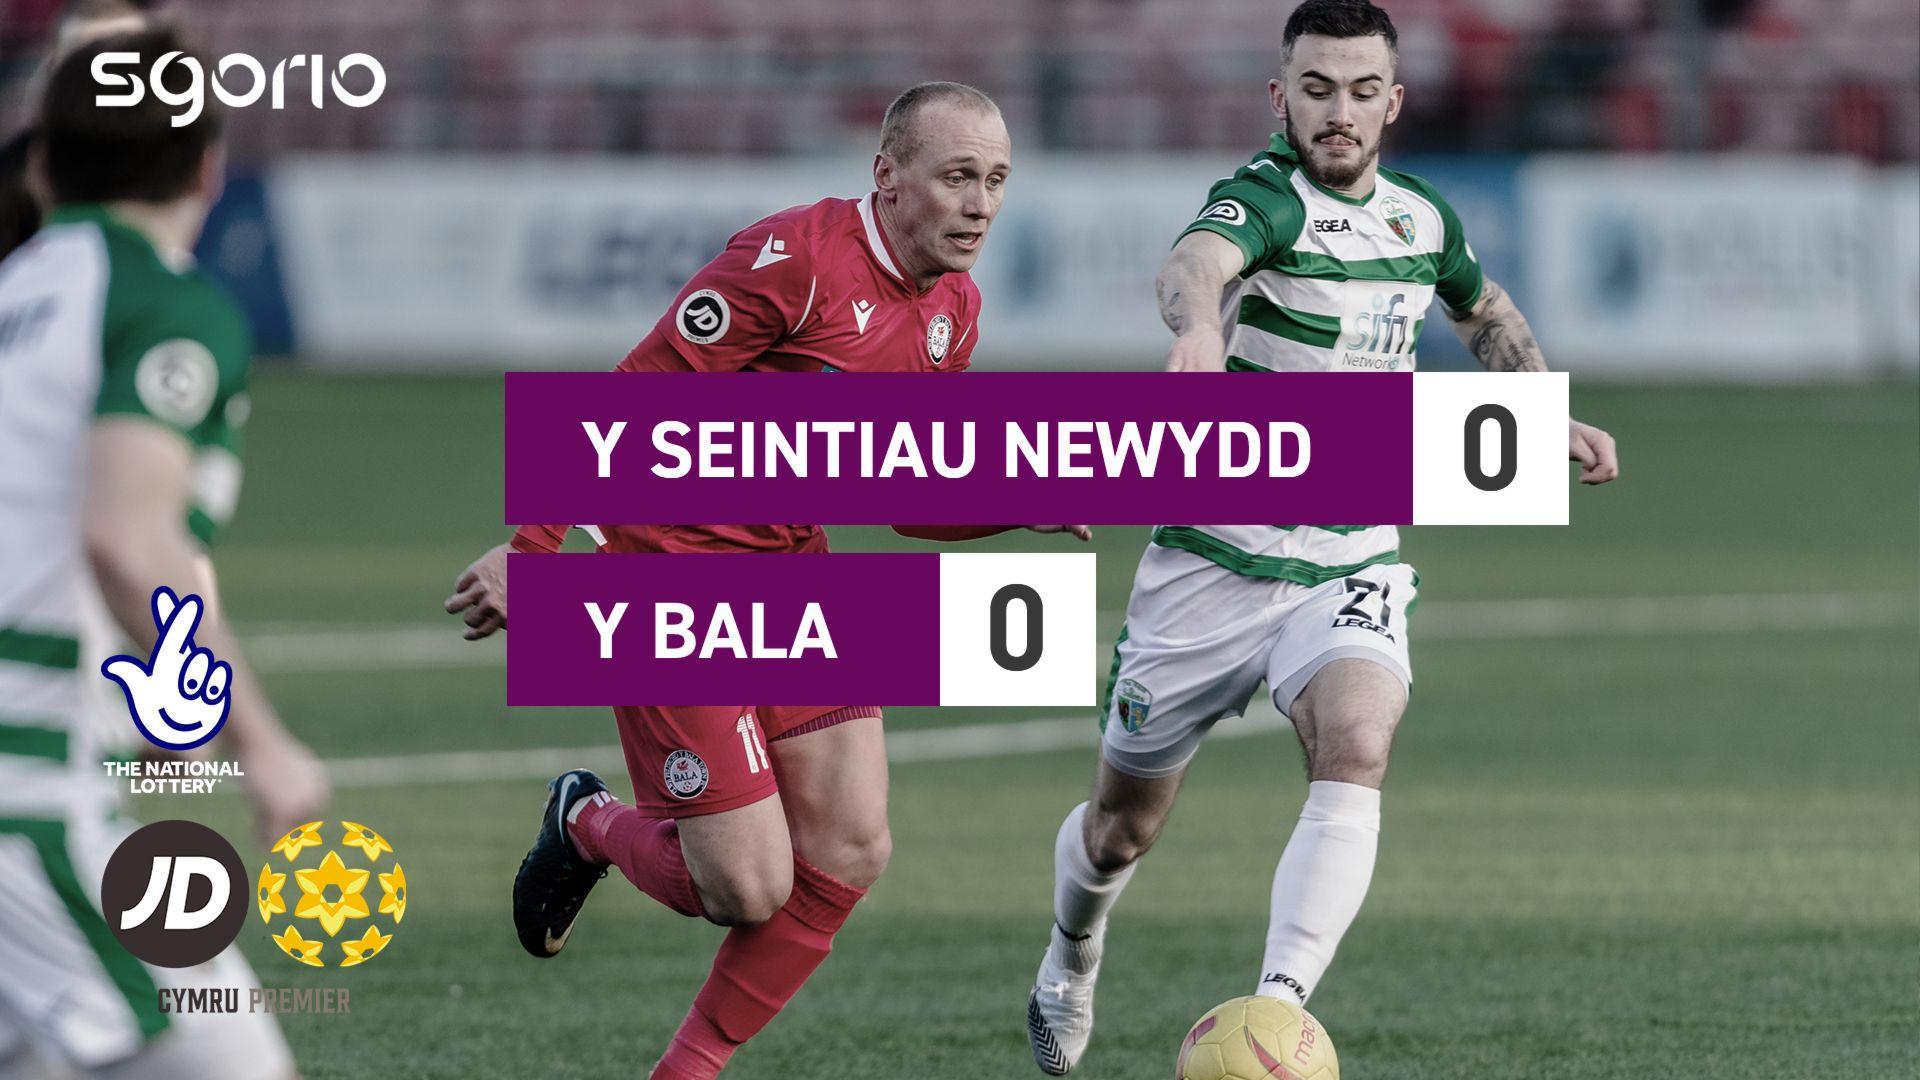 Y Seintiau Newydd 0-0 Y Bala